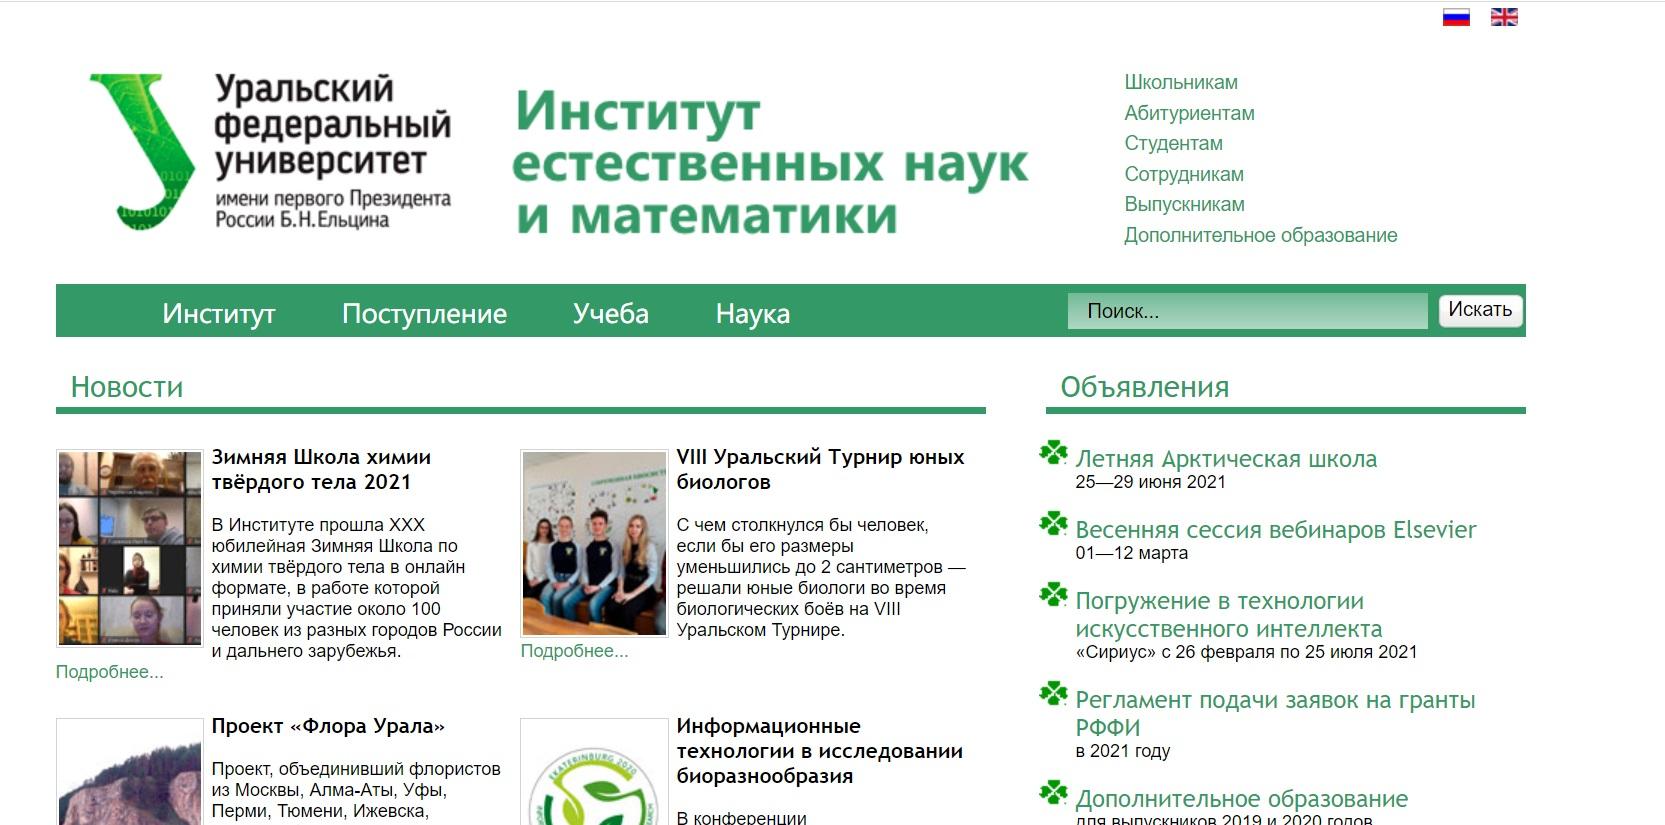 乌拉尔联邦大学自然科学和数学学院网站首页